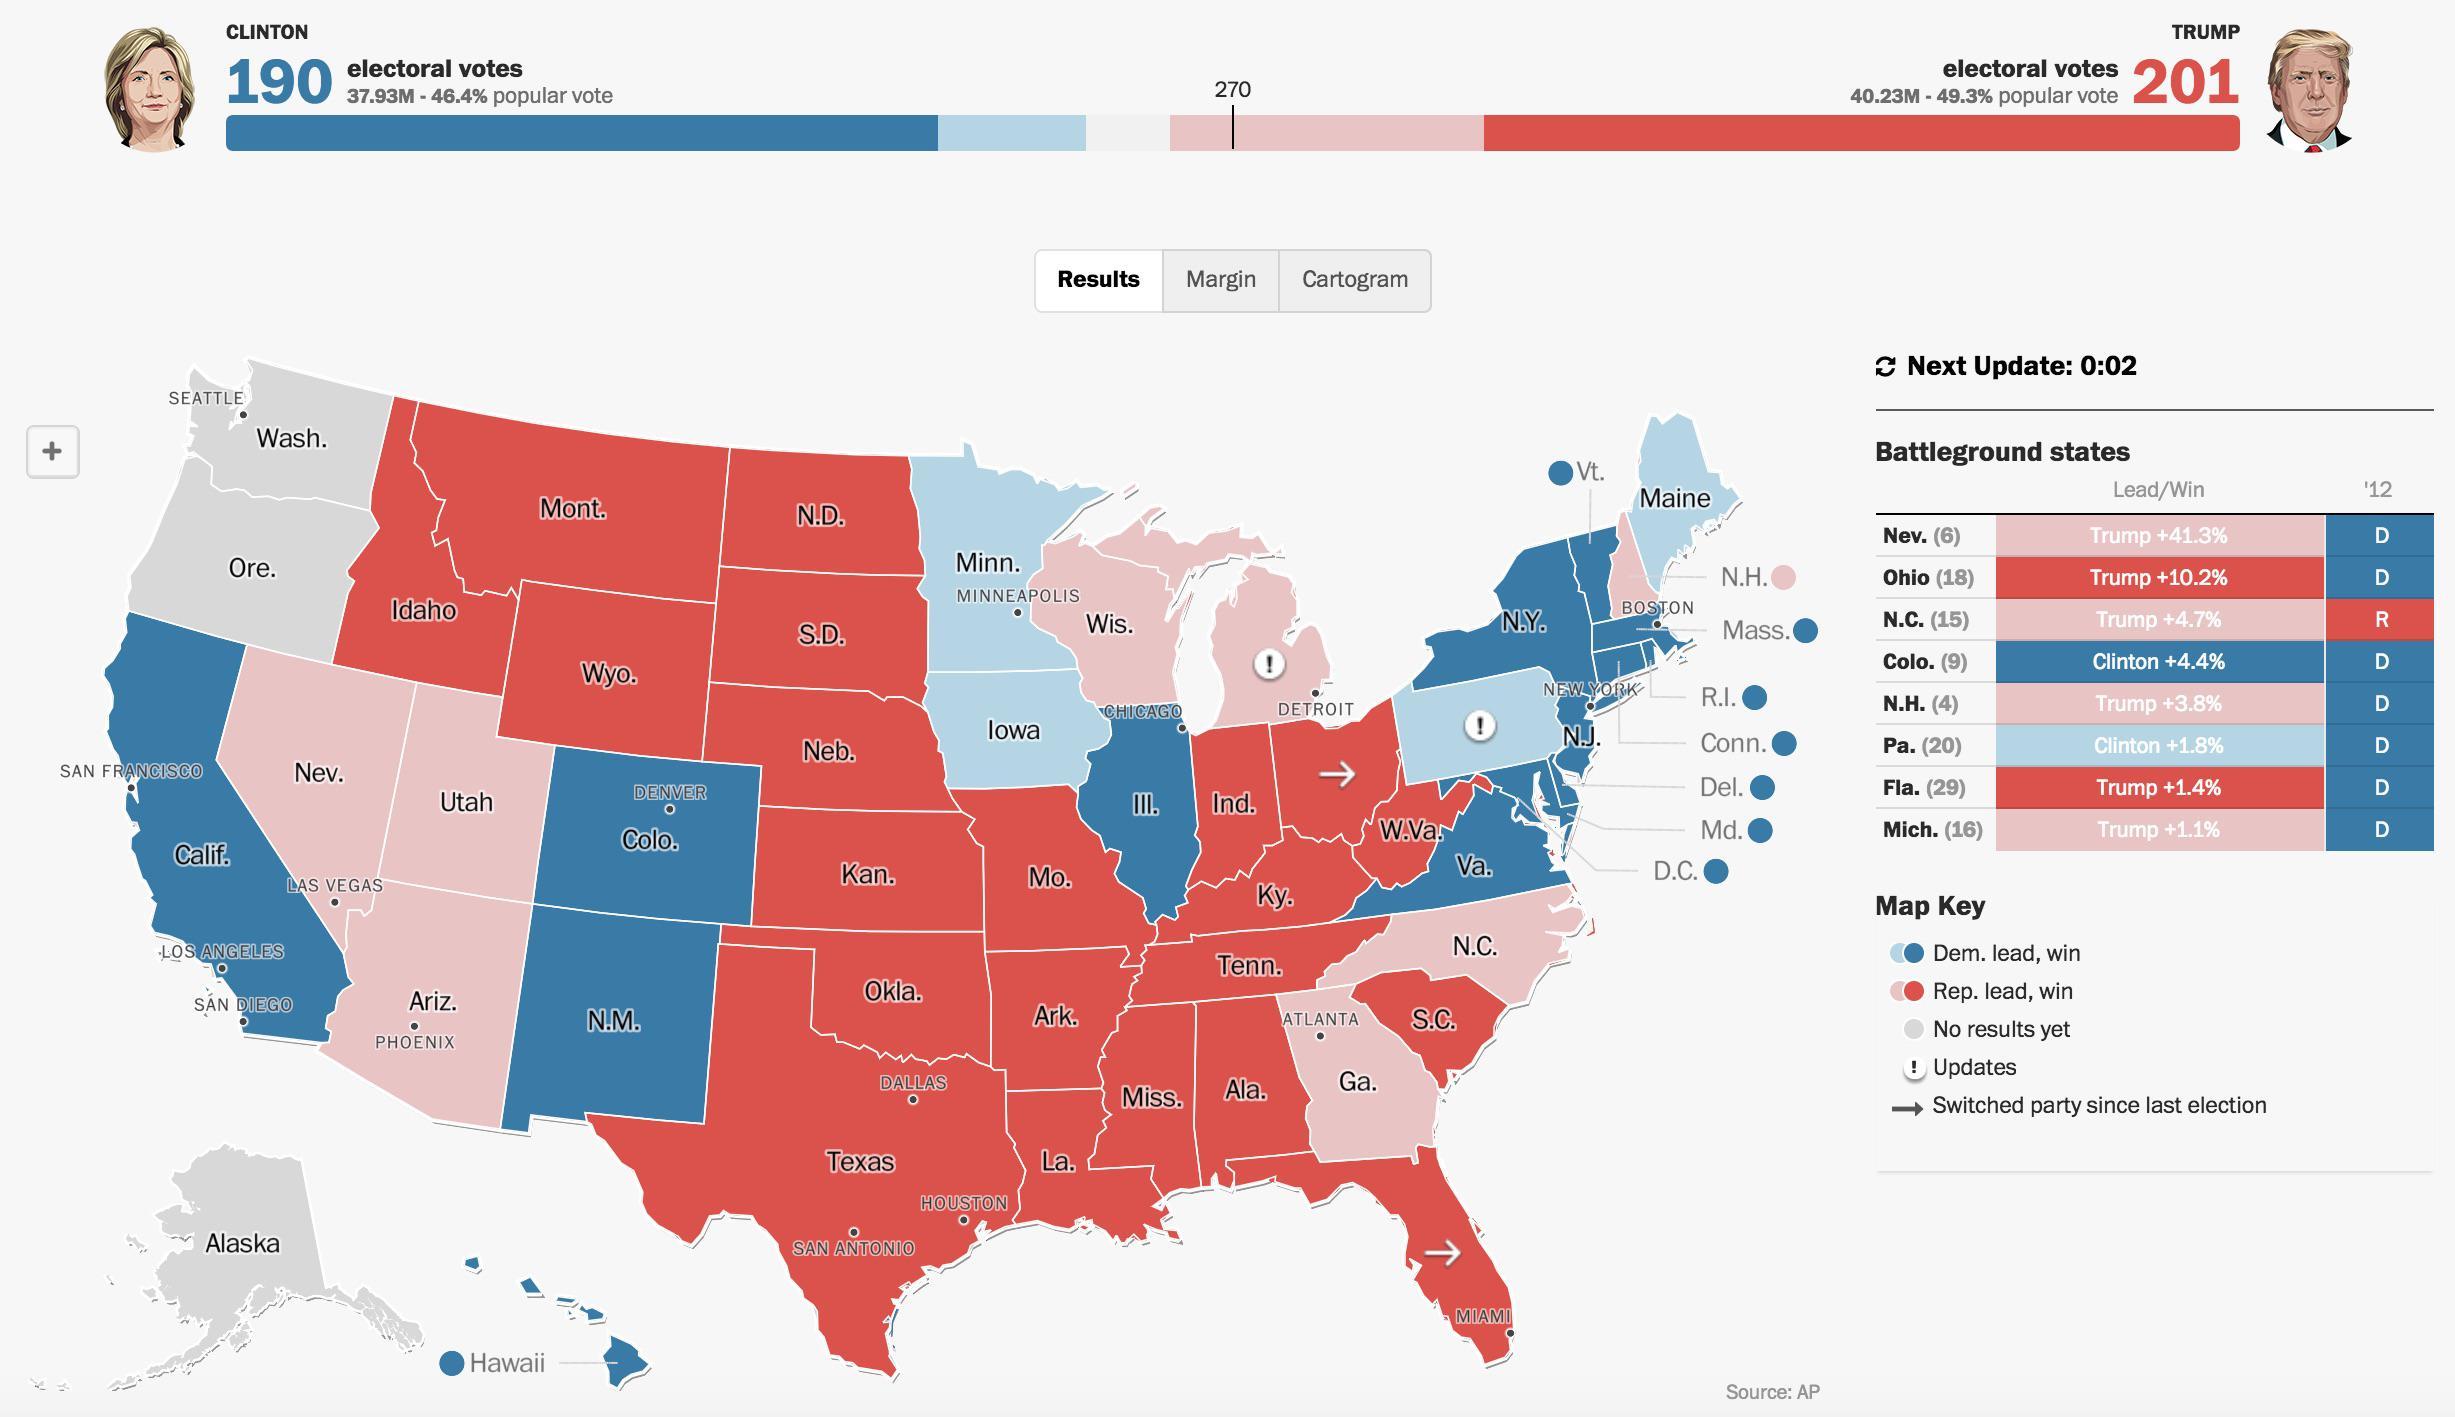 Trump y Clinton, muy igualados en votos electorales. Pero Trump tiene ventaja en los Estados decisivos.